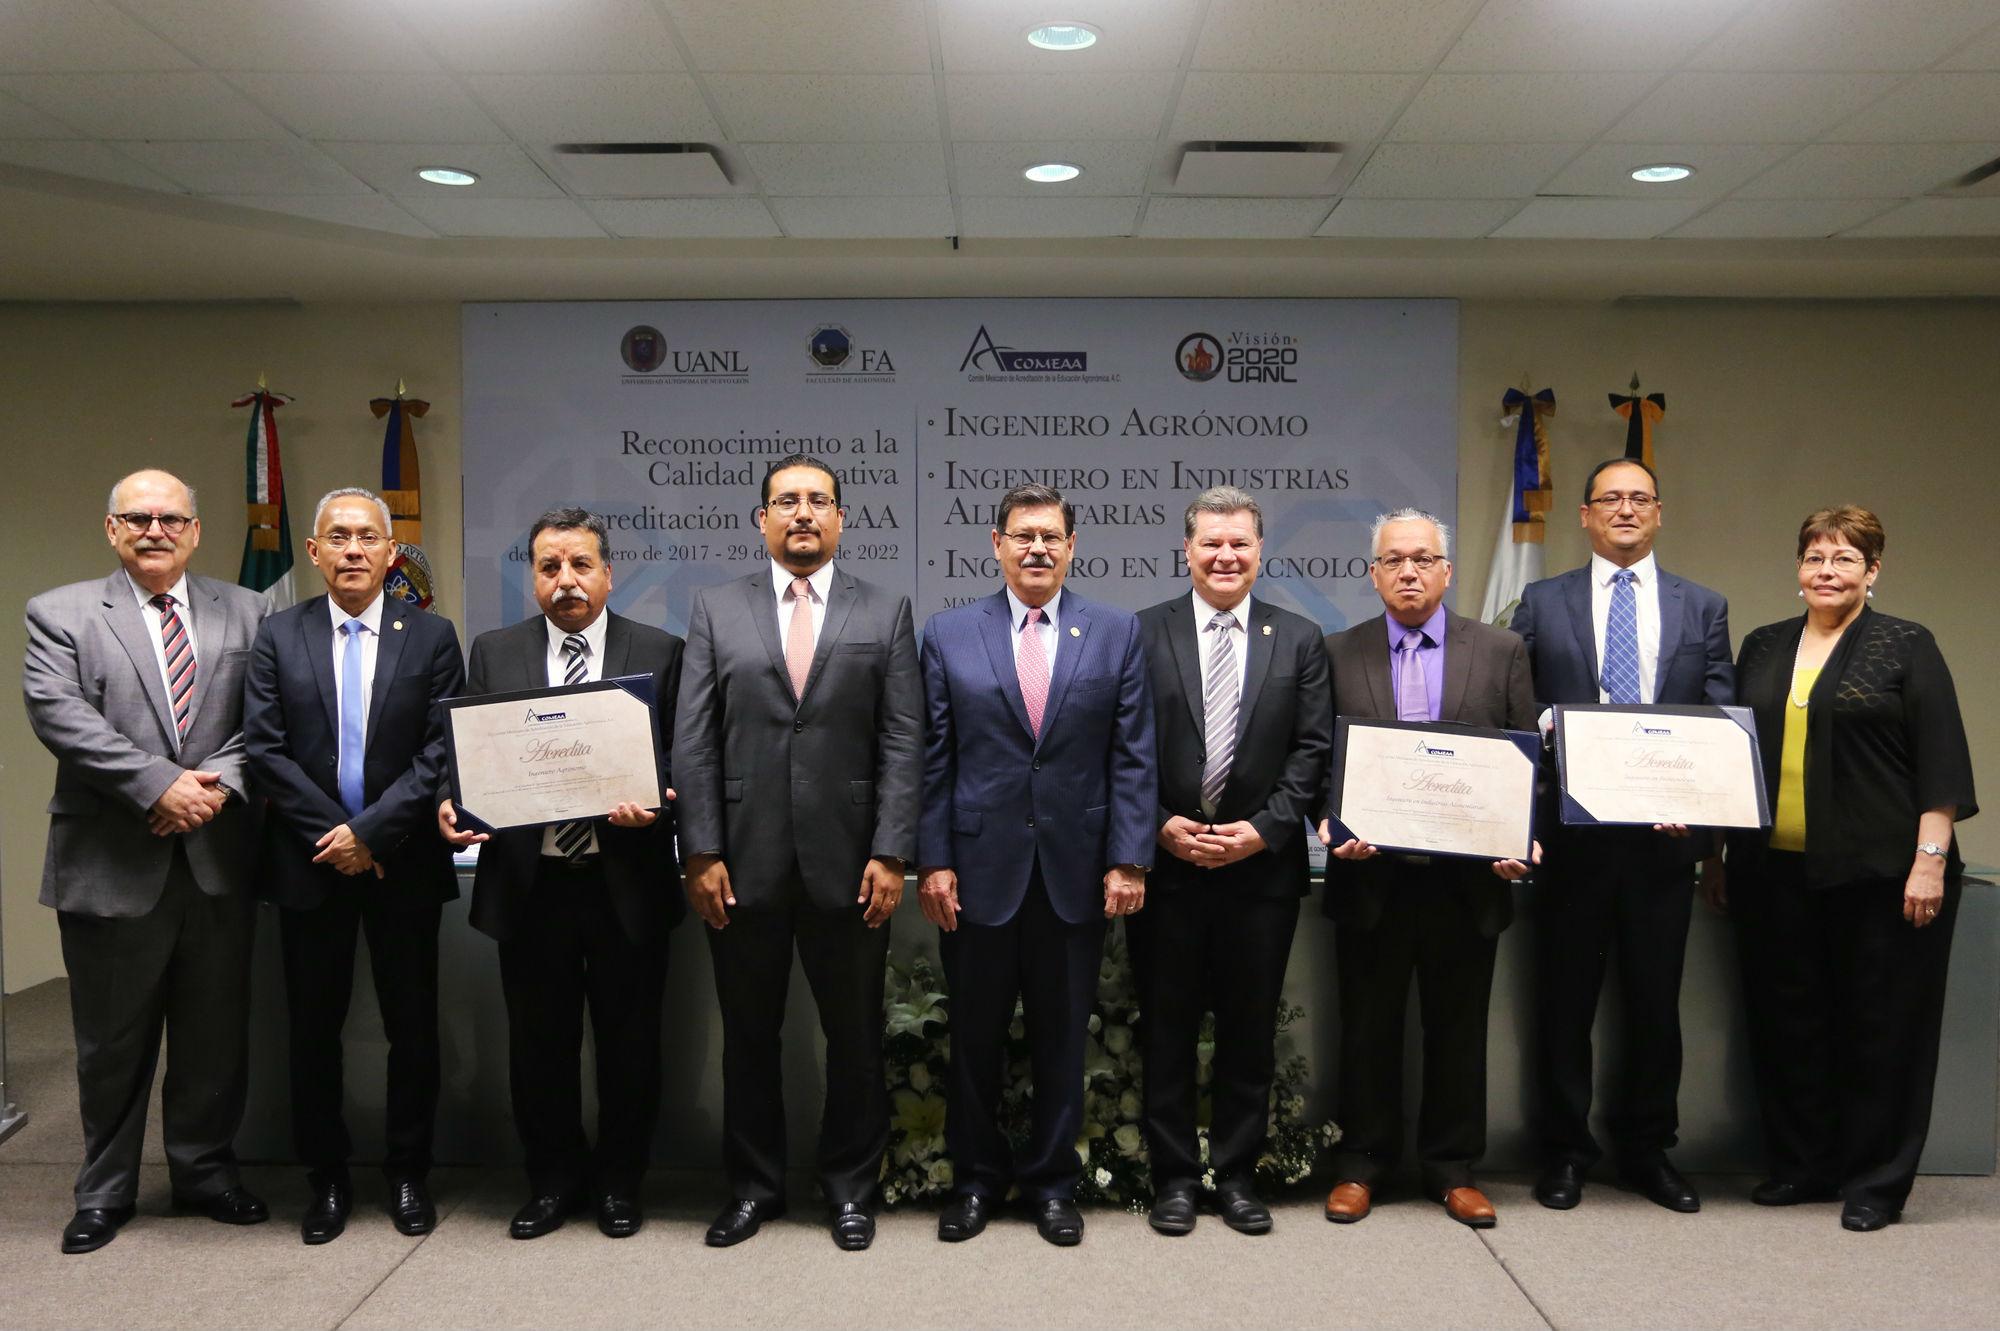 Fotografía grupal de la entrega de acreditaciones